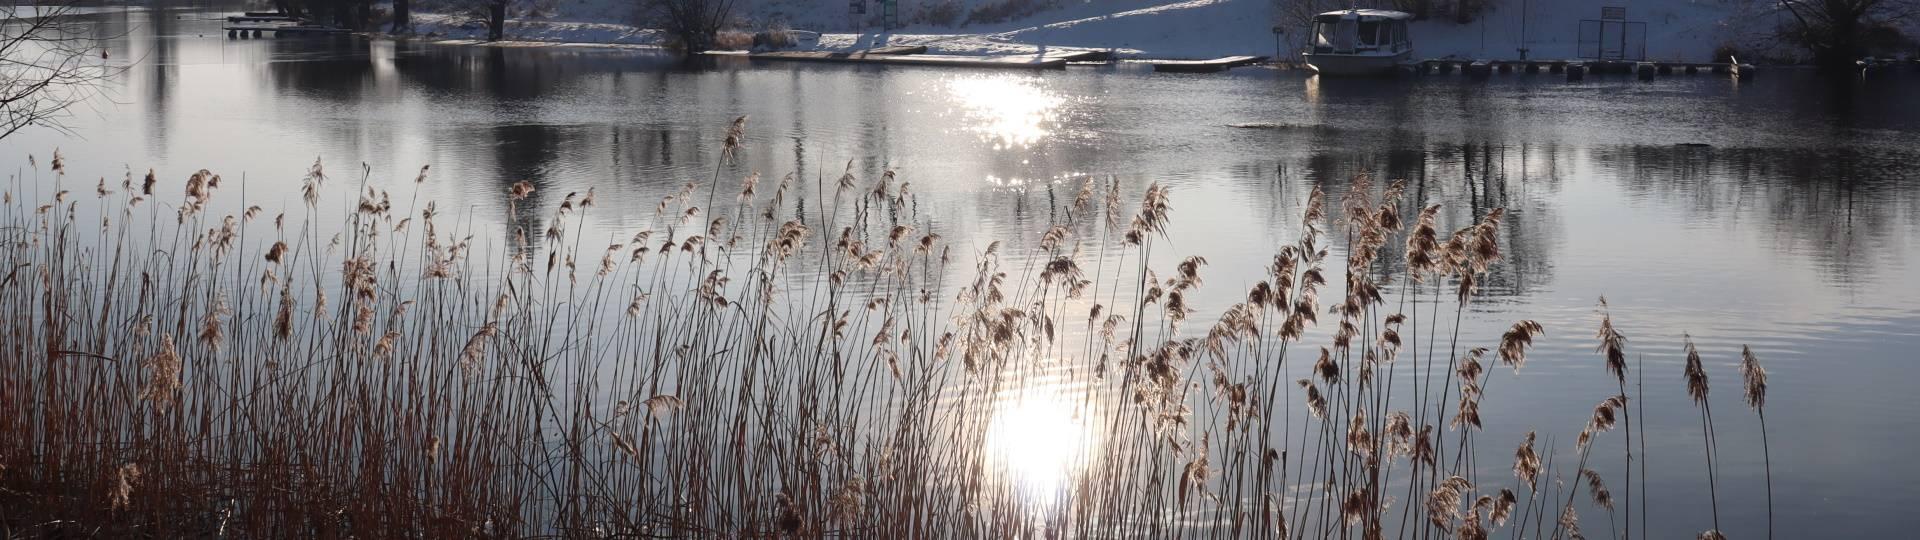 die kälte lädt zum wärmenden spaziergang ©Hansestadt Havelberg